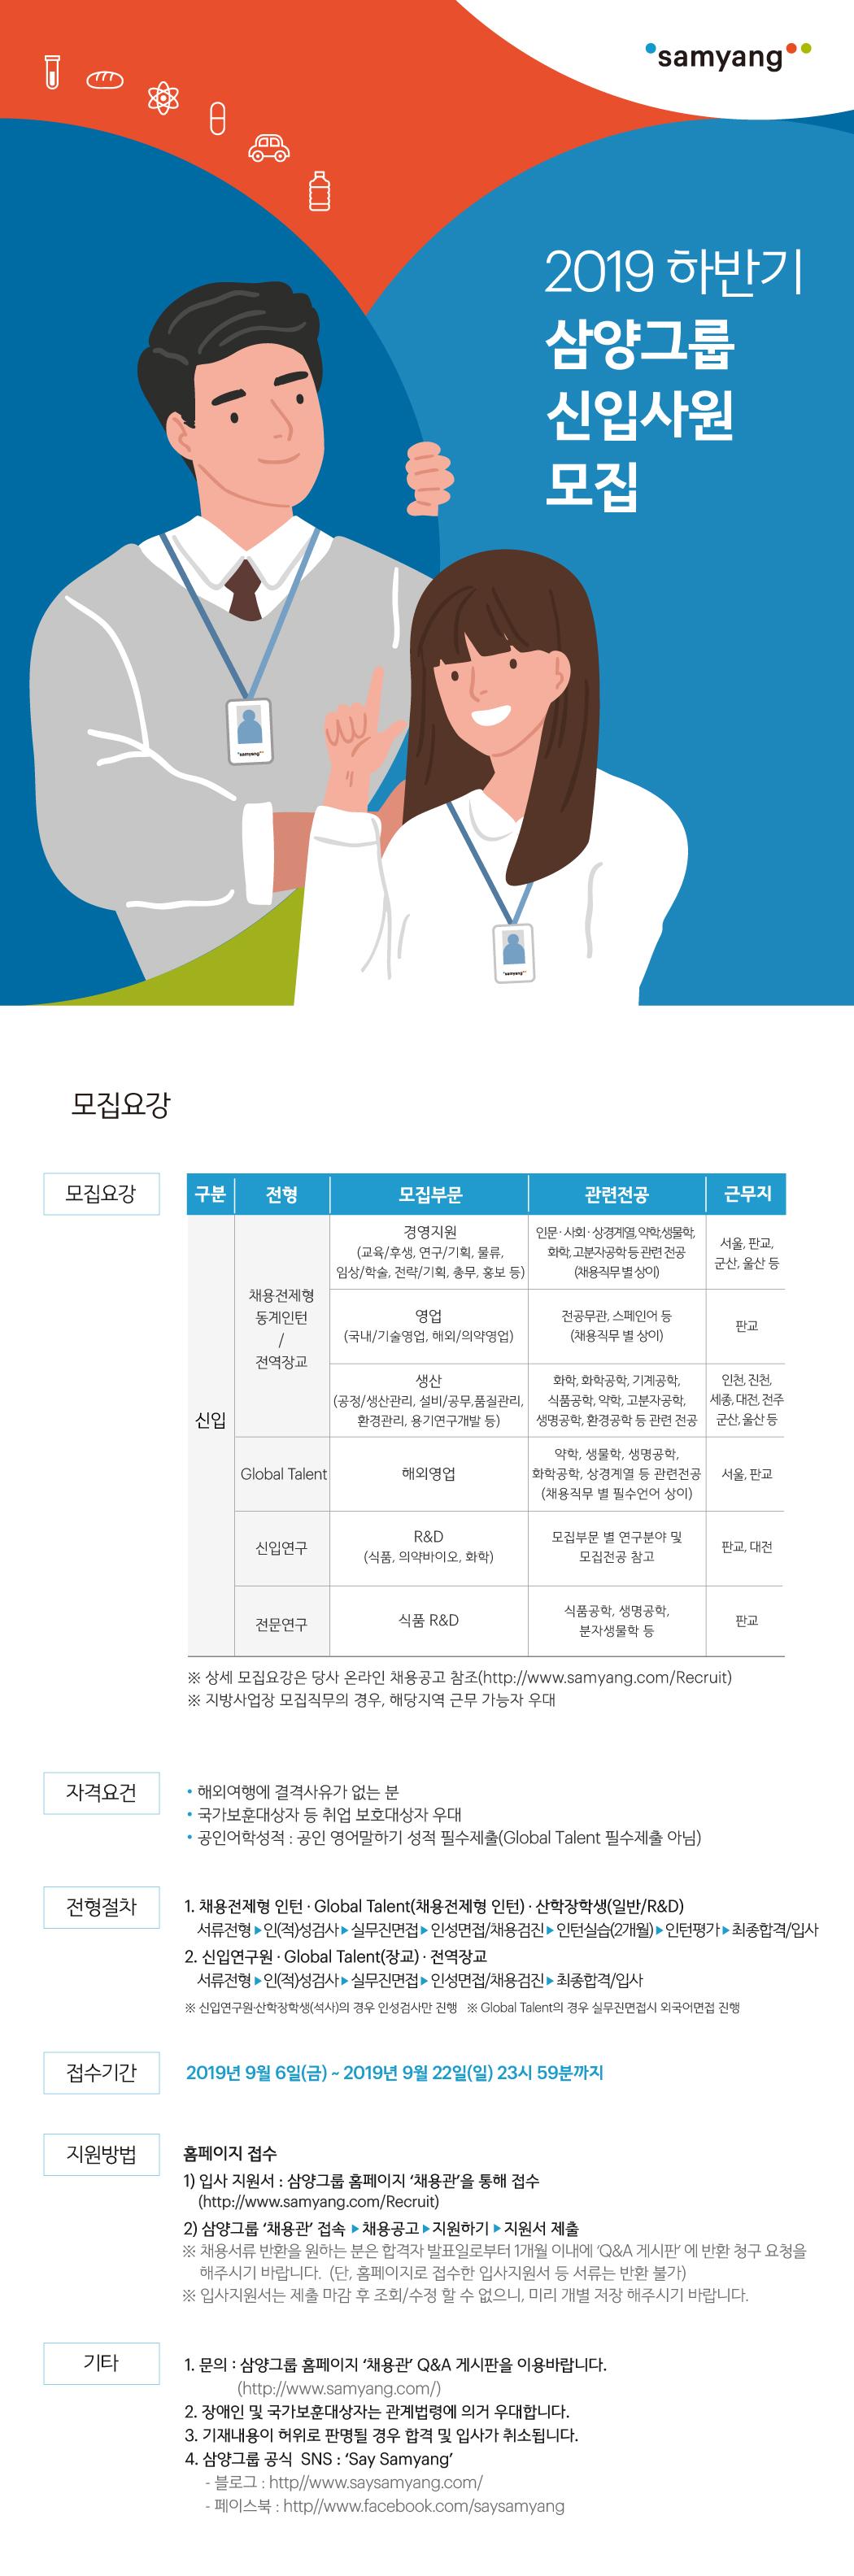 삼양그룹.png